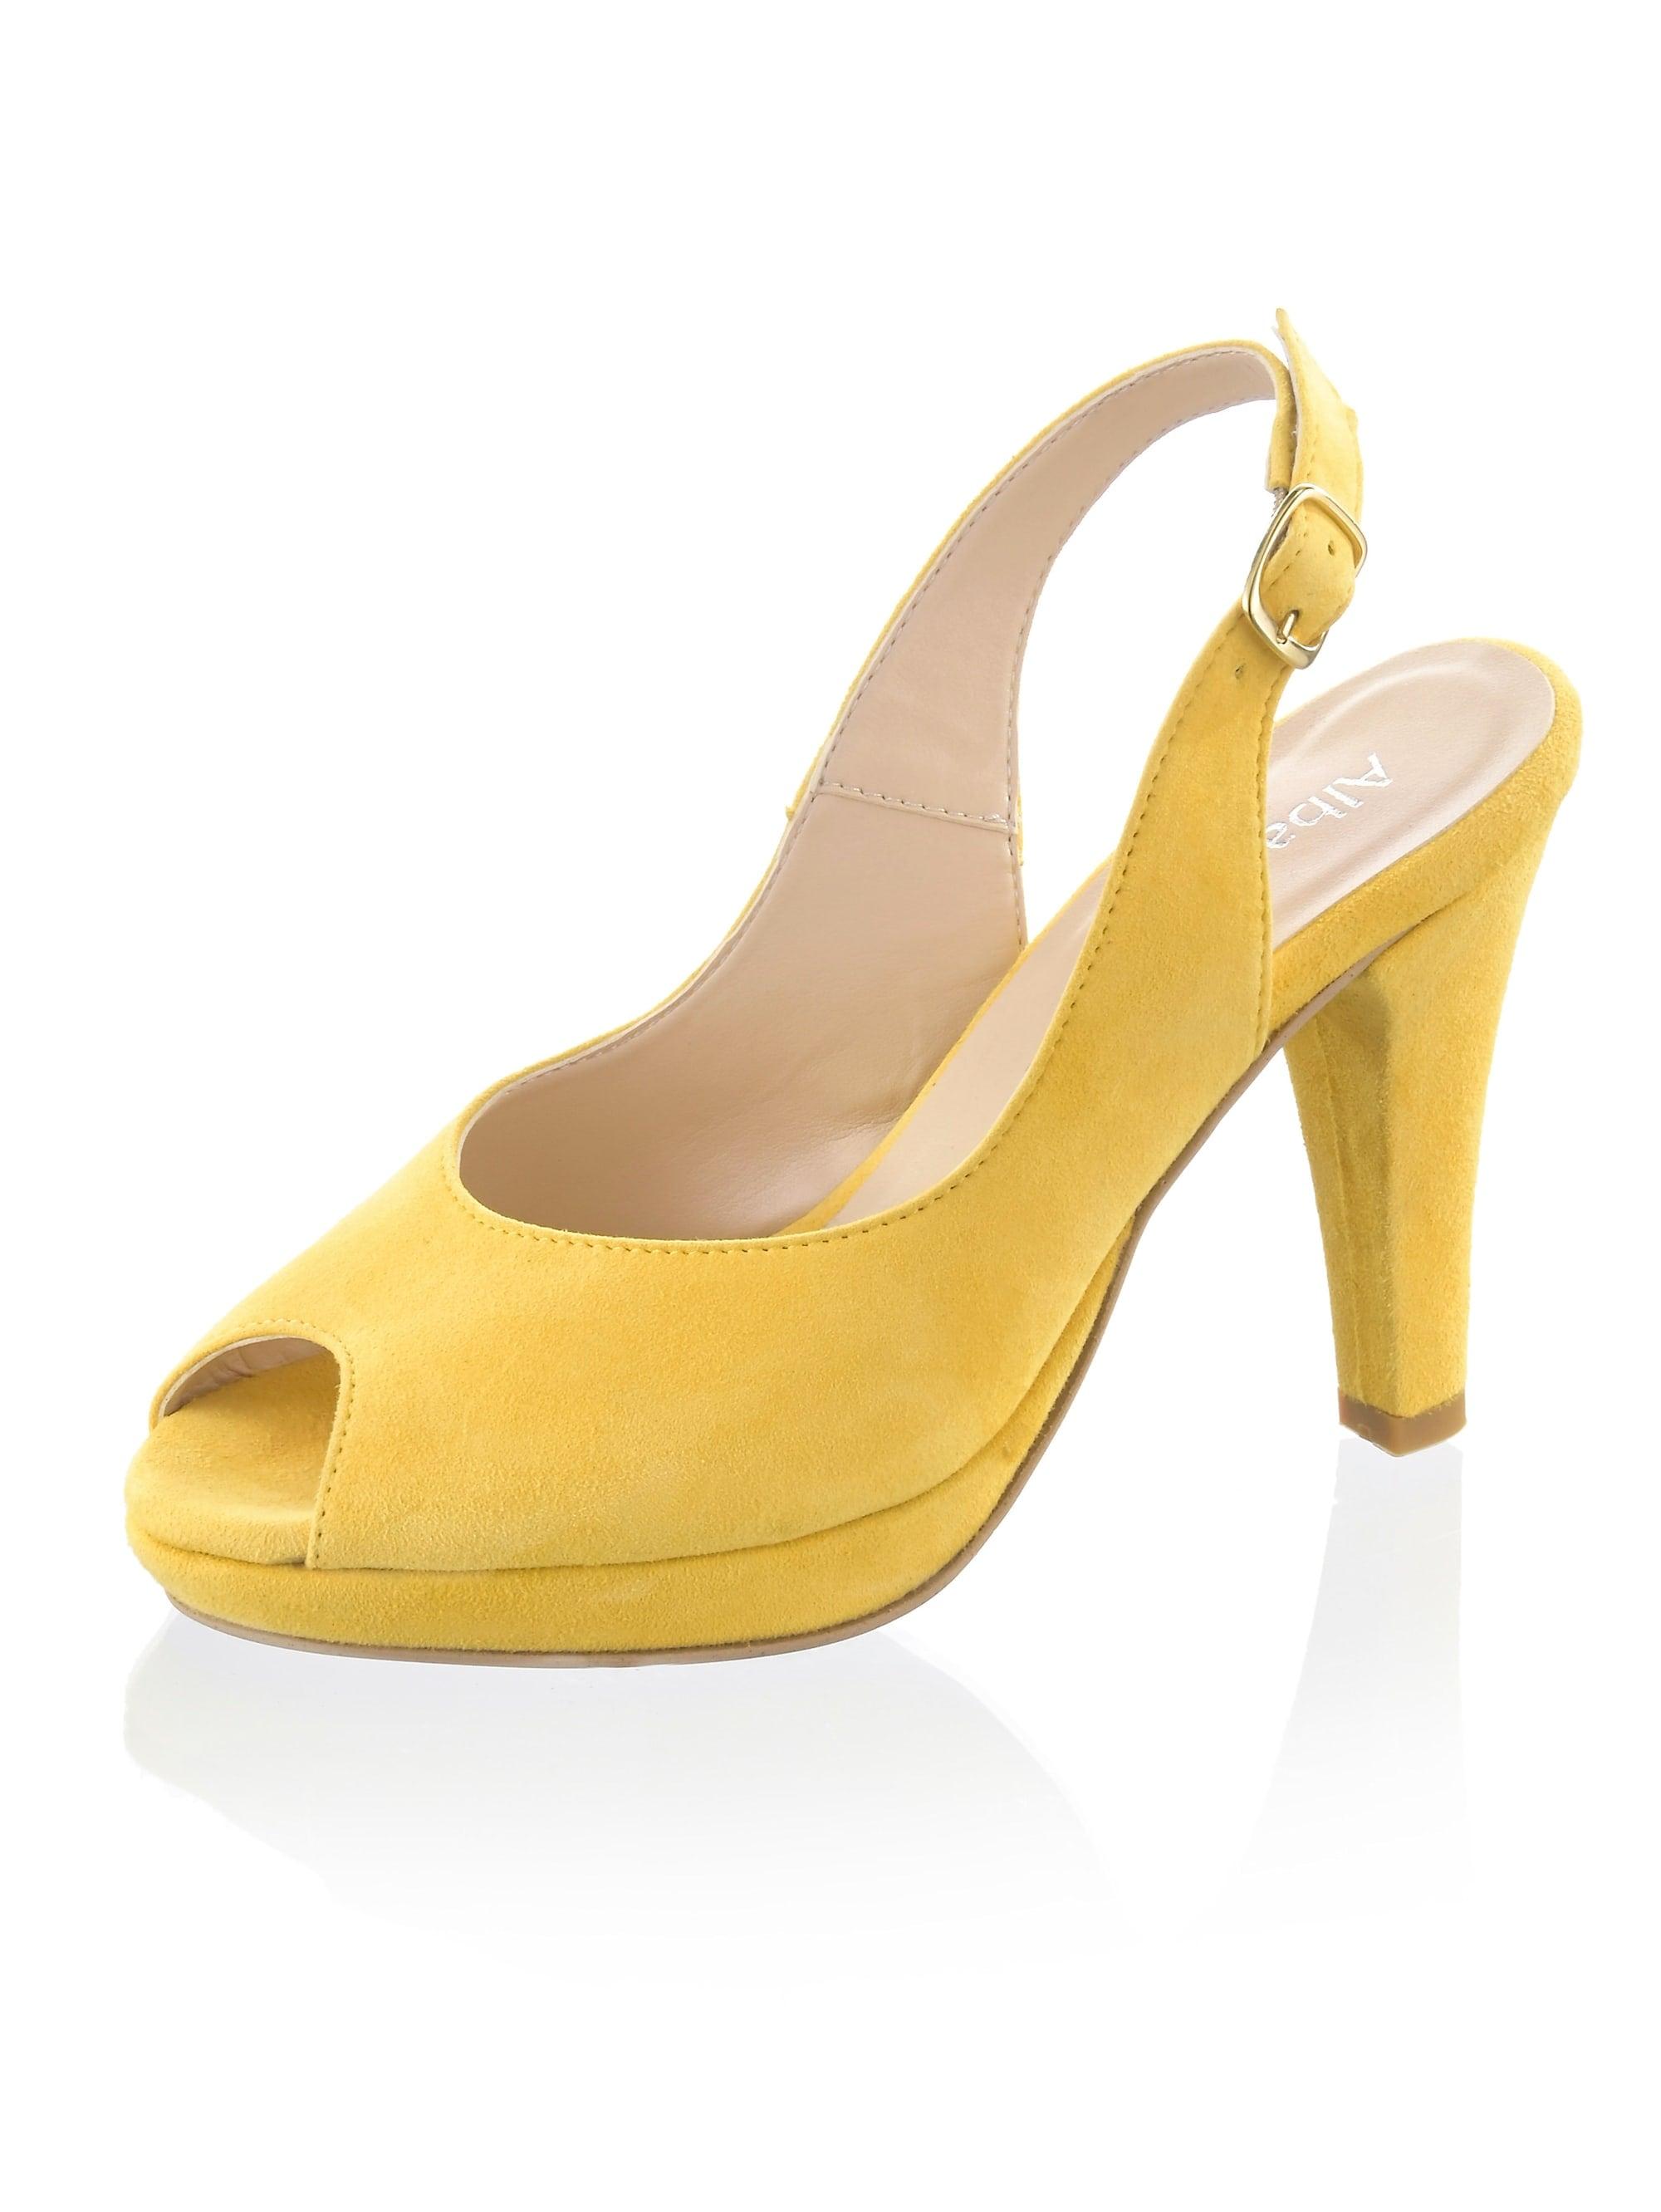 alba moda -  Sandalette aus Ziegenveloursleder